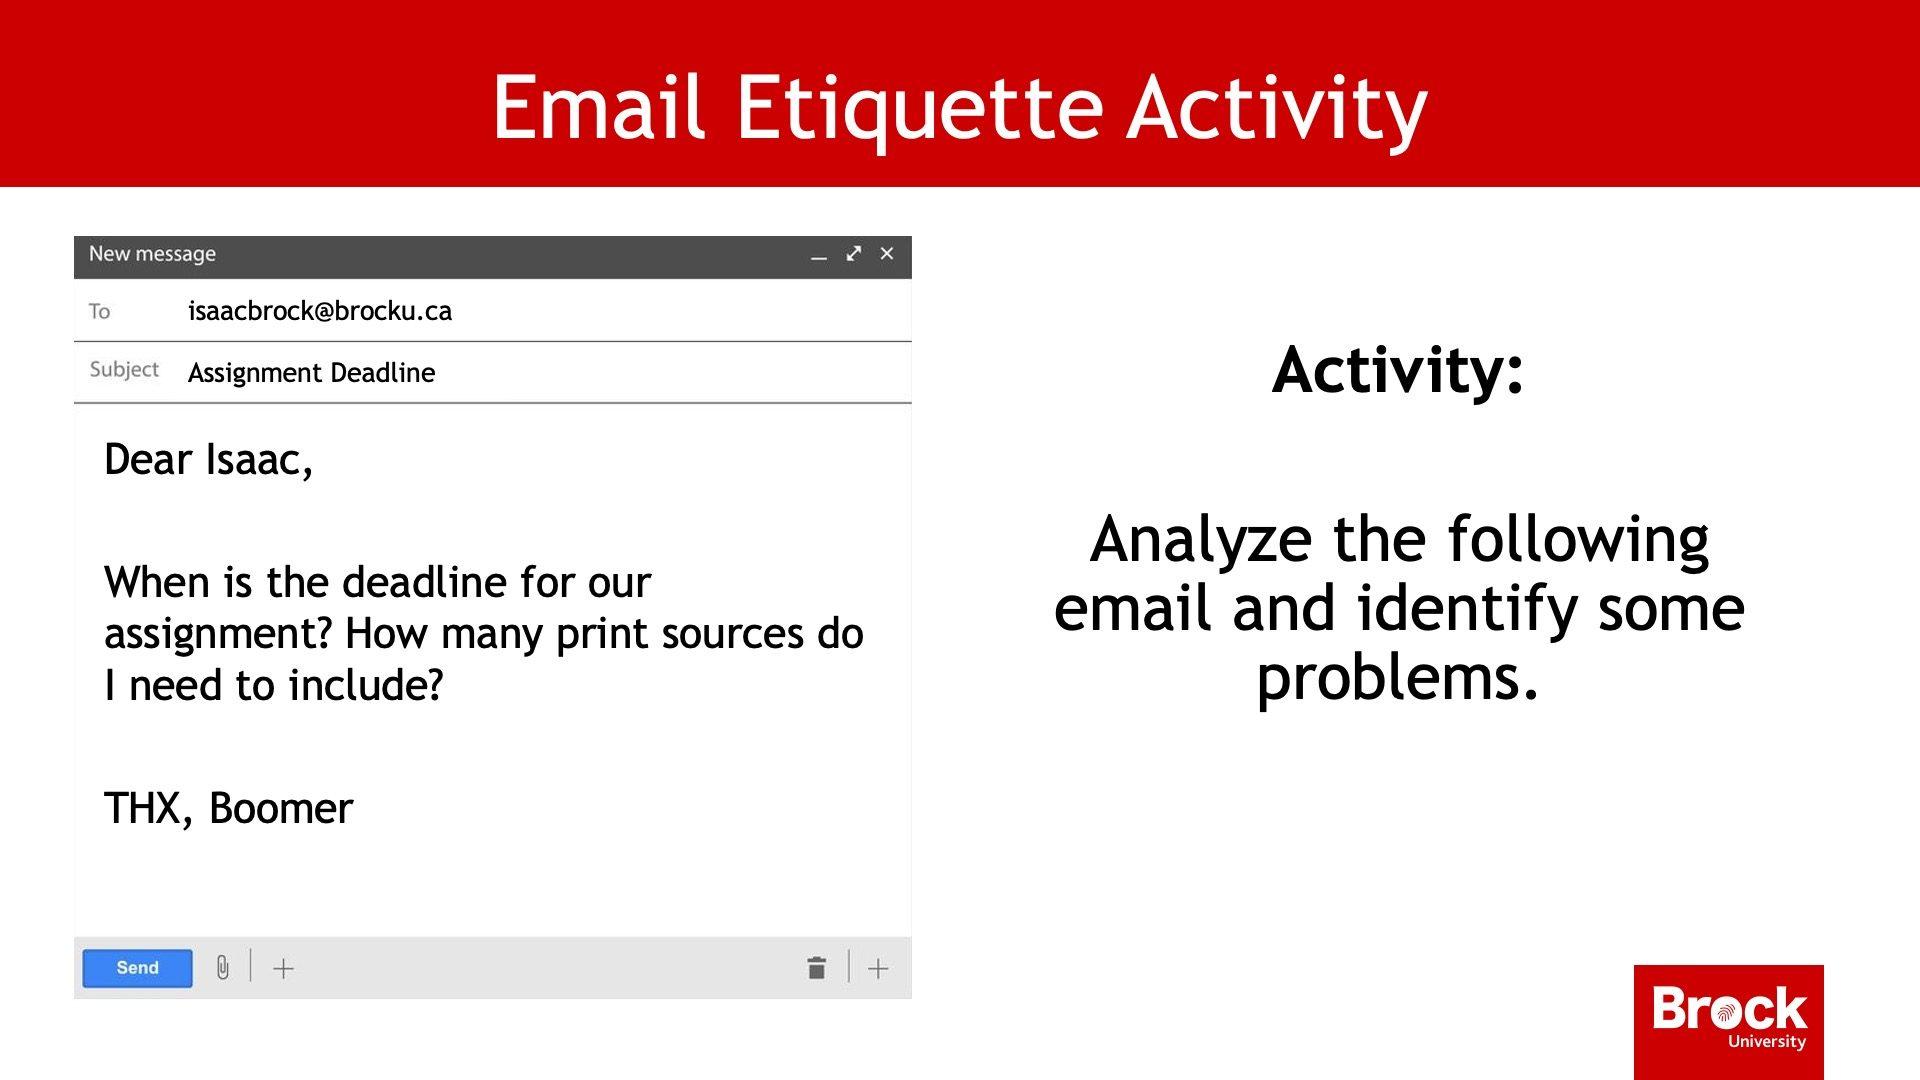 Email etiquette activity